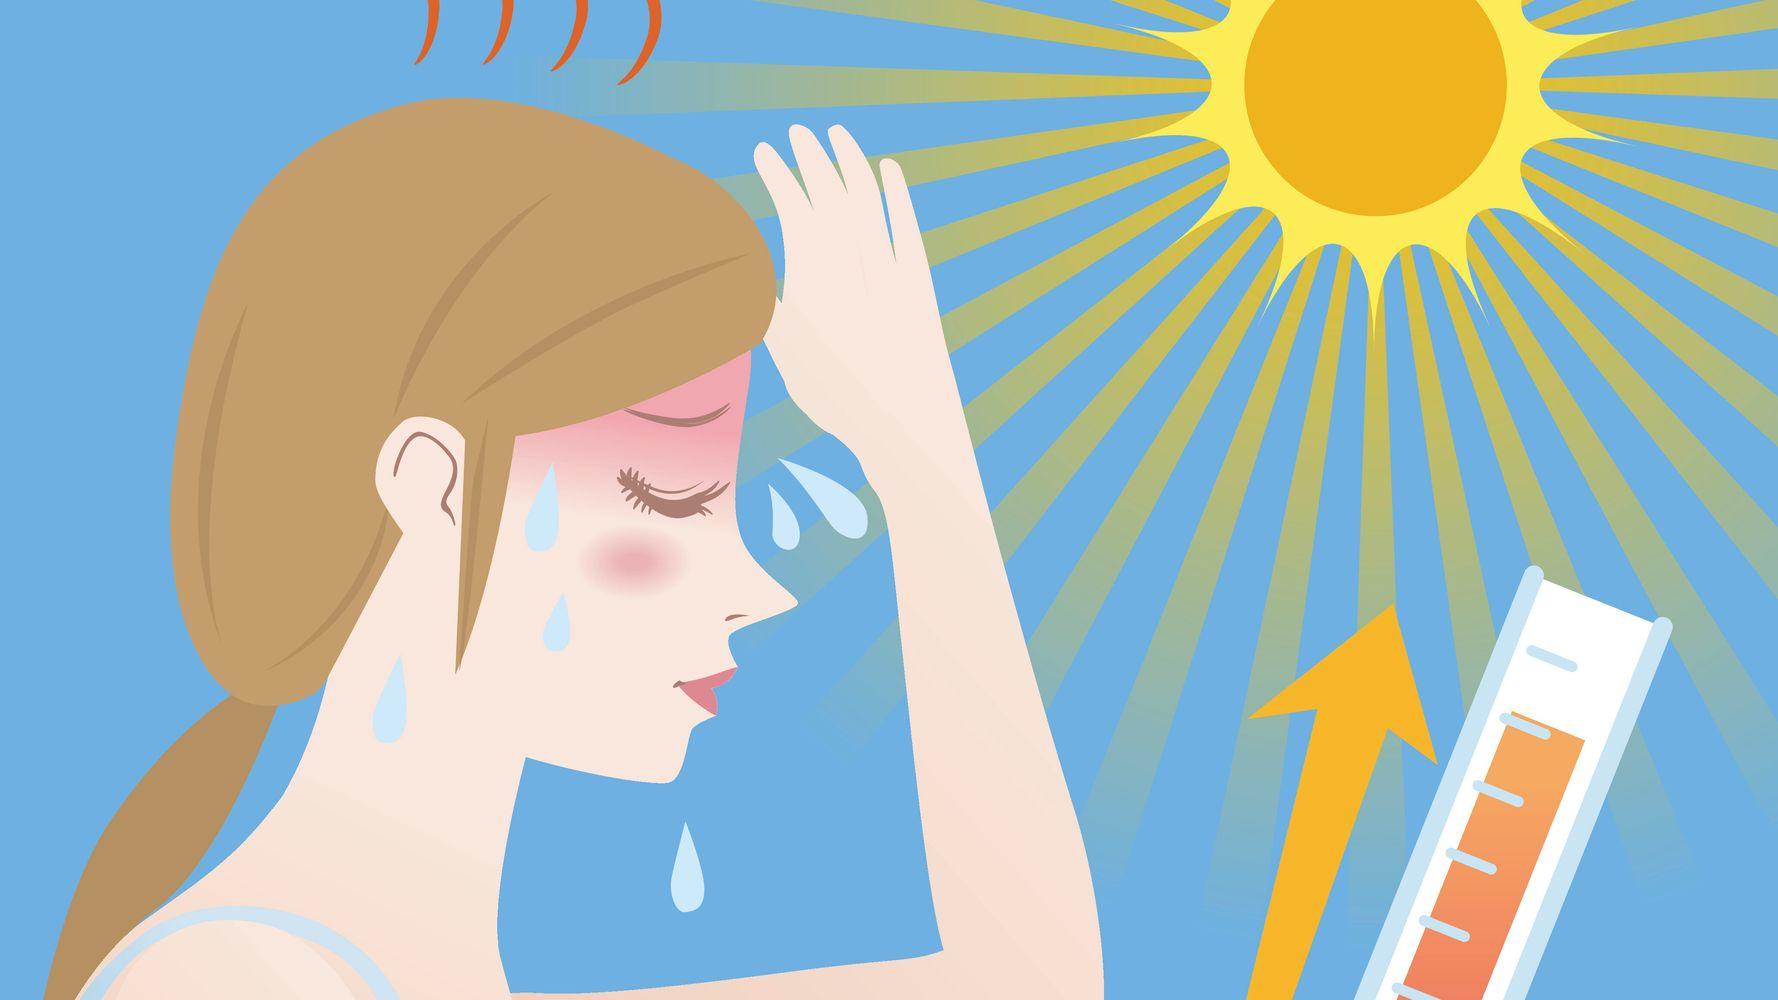 اعراض ضربة الشمس وخطورة التعرض الي ضربة الشمس وافضل الحلول لها